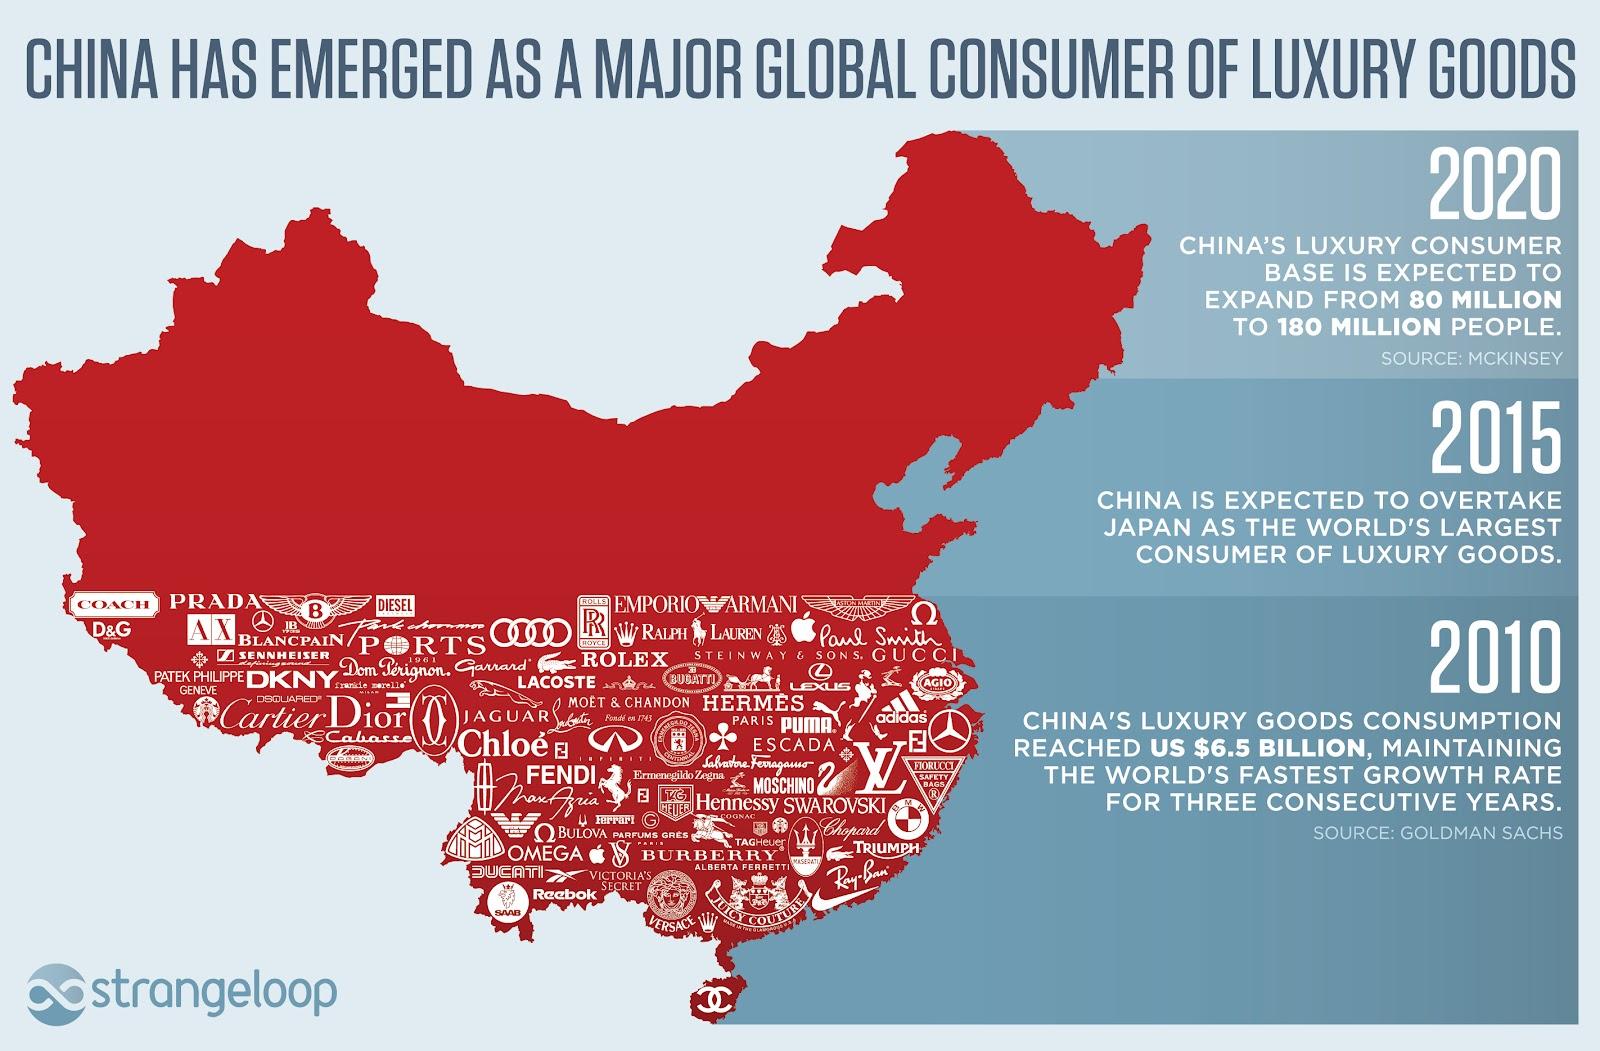 Китай — один из крупнейших потребителей лакшери-брендов